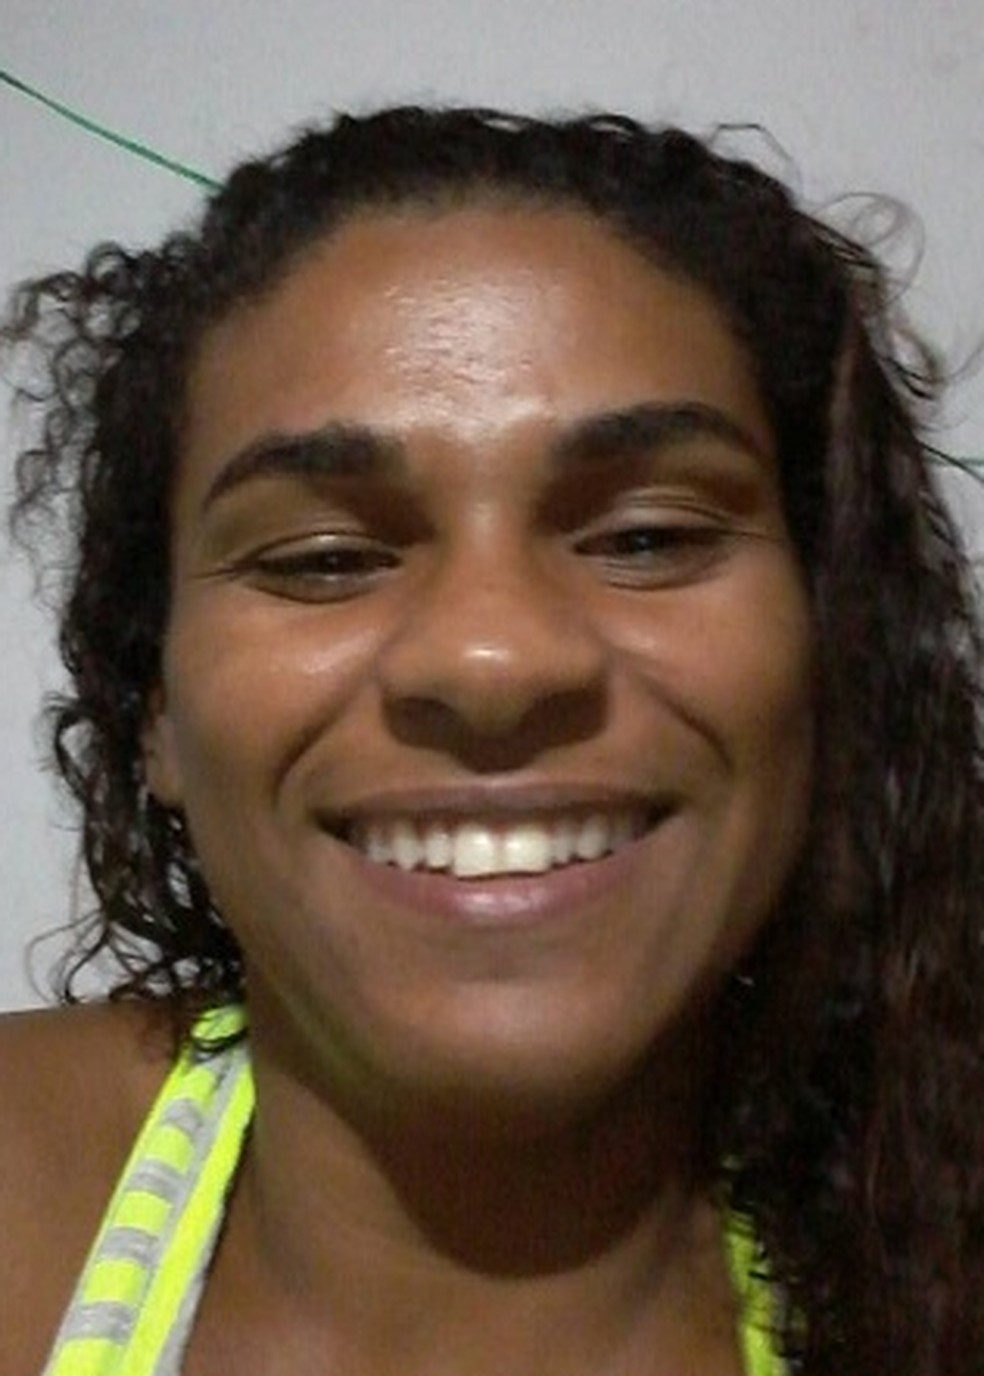 Renata Oscar de Castro, 28 anos, foi esfaqueada pelo marido  — Foto: Arquivo pessoal